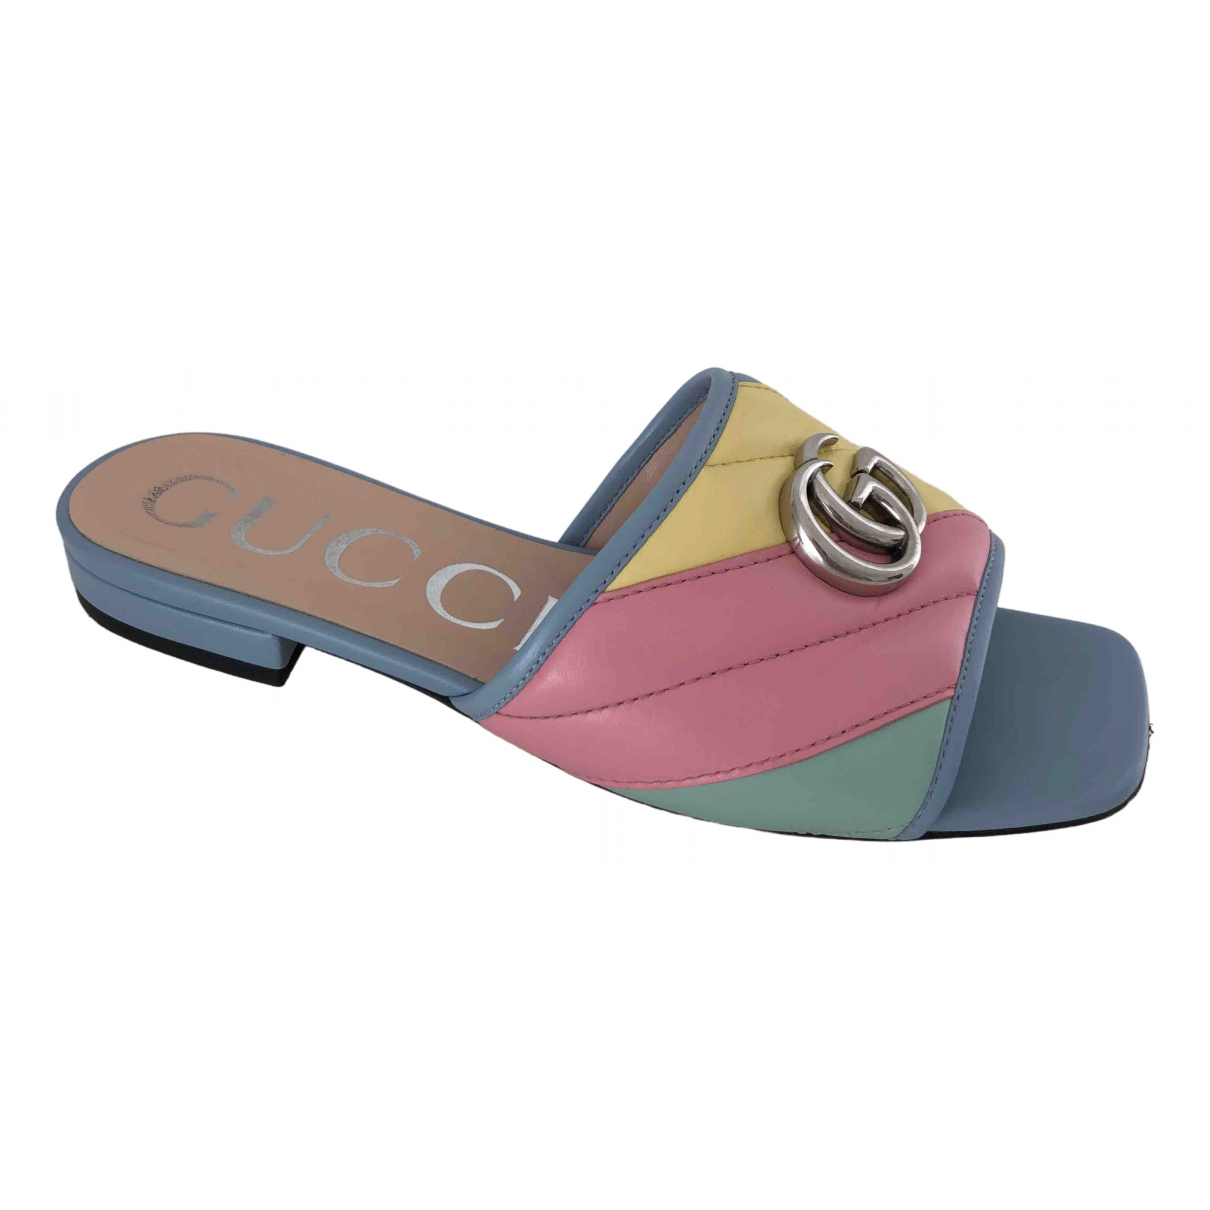 Gucci - Sandales Double G pour femme en cuir - multicolore